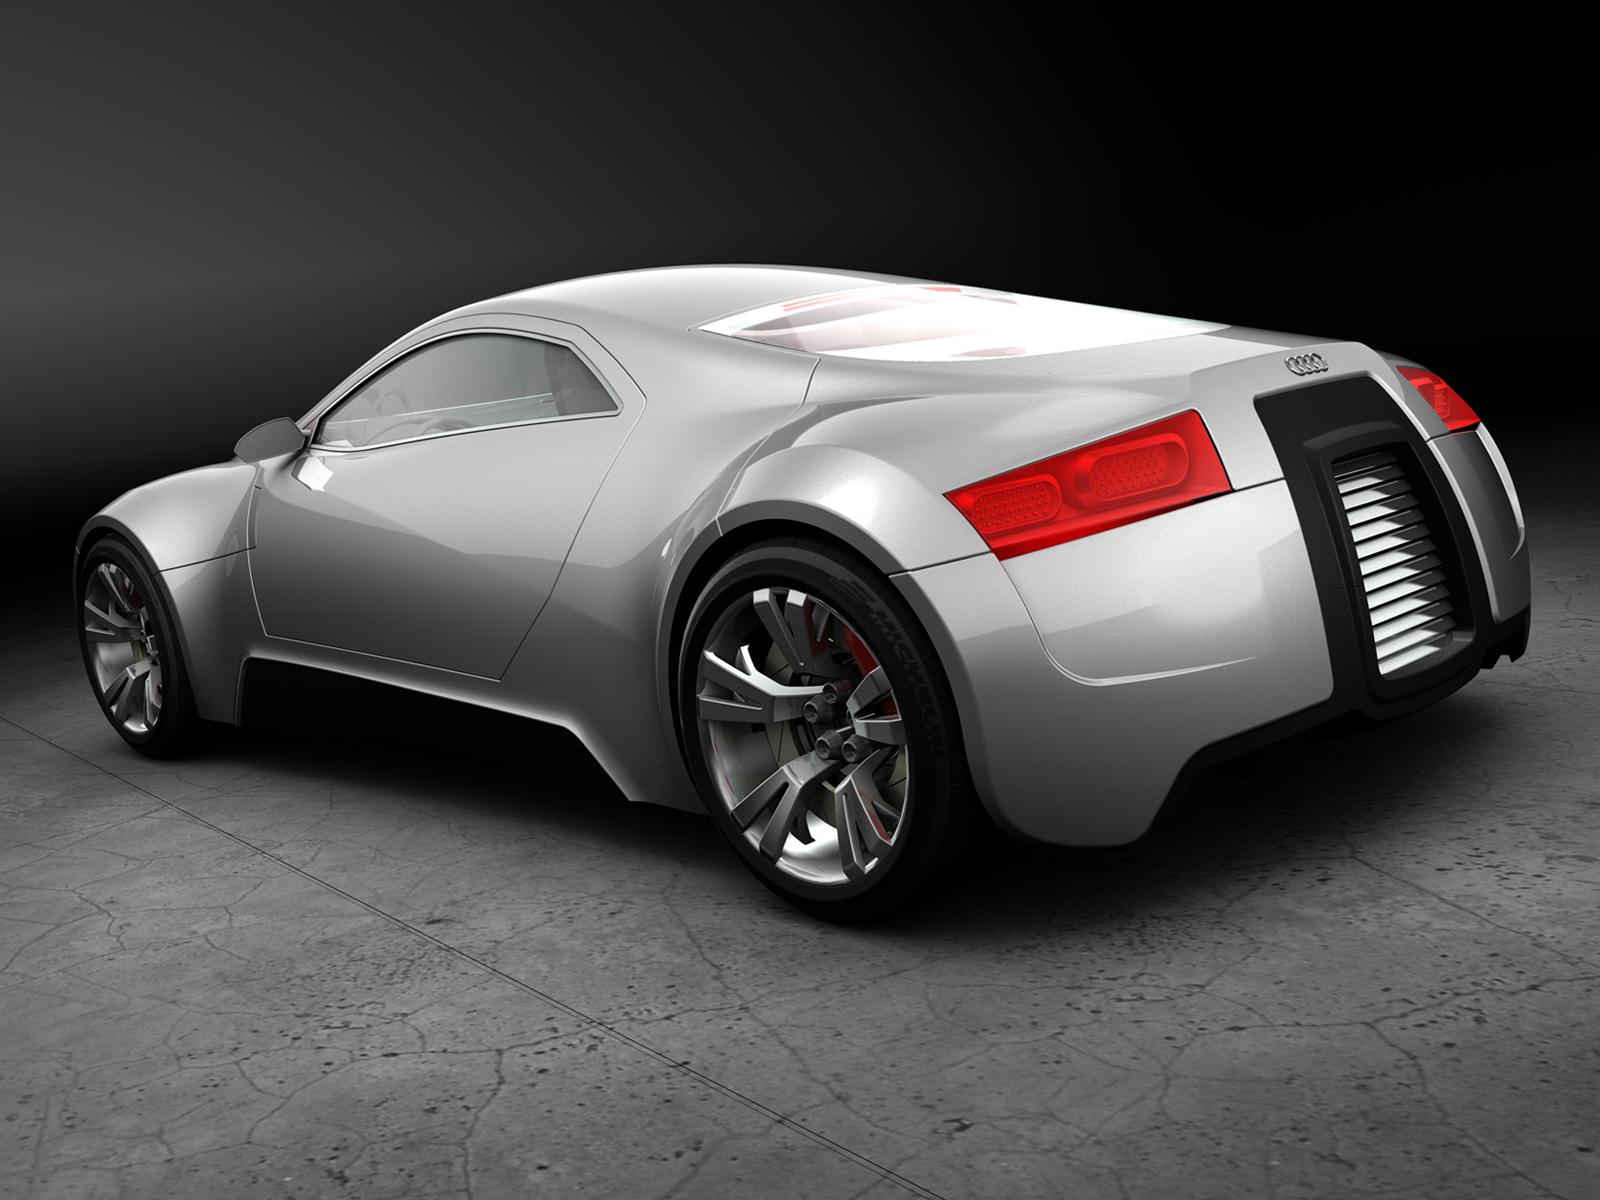 http://4.bp.blogspot.com/_7XKM5uAPfD8/THukM3PeQJI/AAAAAAAAALI/QWv_U_Z-gTQ/s1600/Wallpapers-room_com___2006-Audi-R-Zero-Concept-Silver-RA_1600x1200.jpg